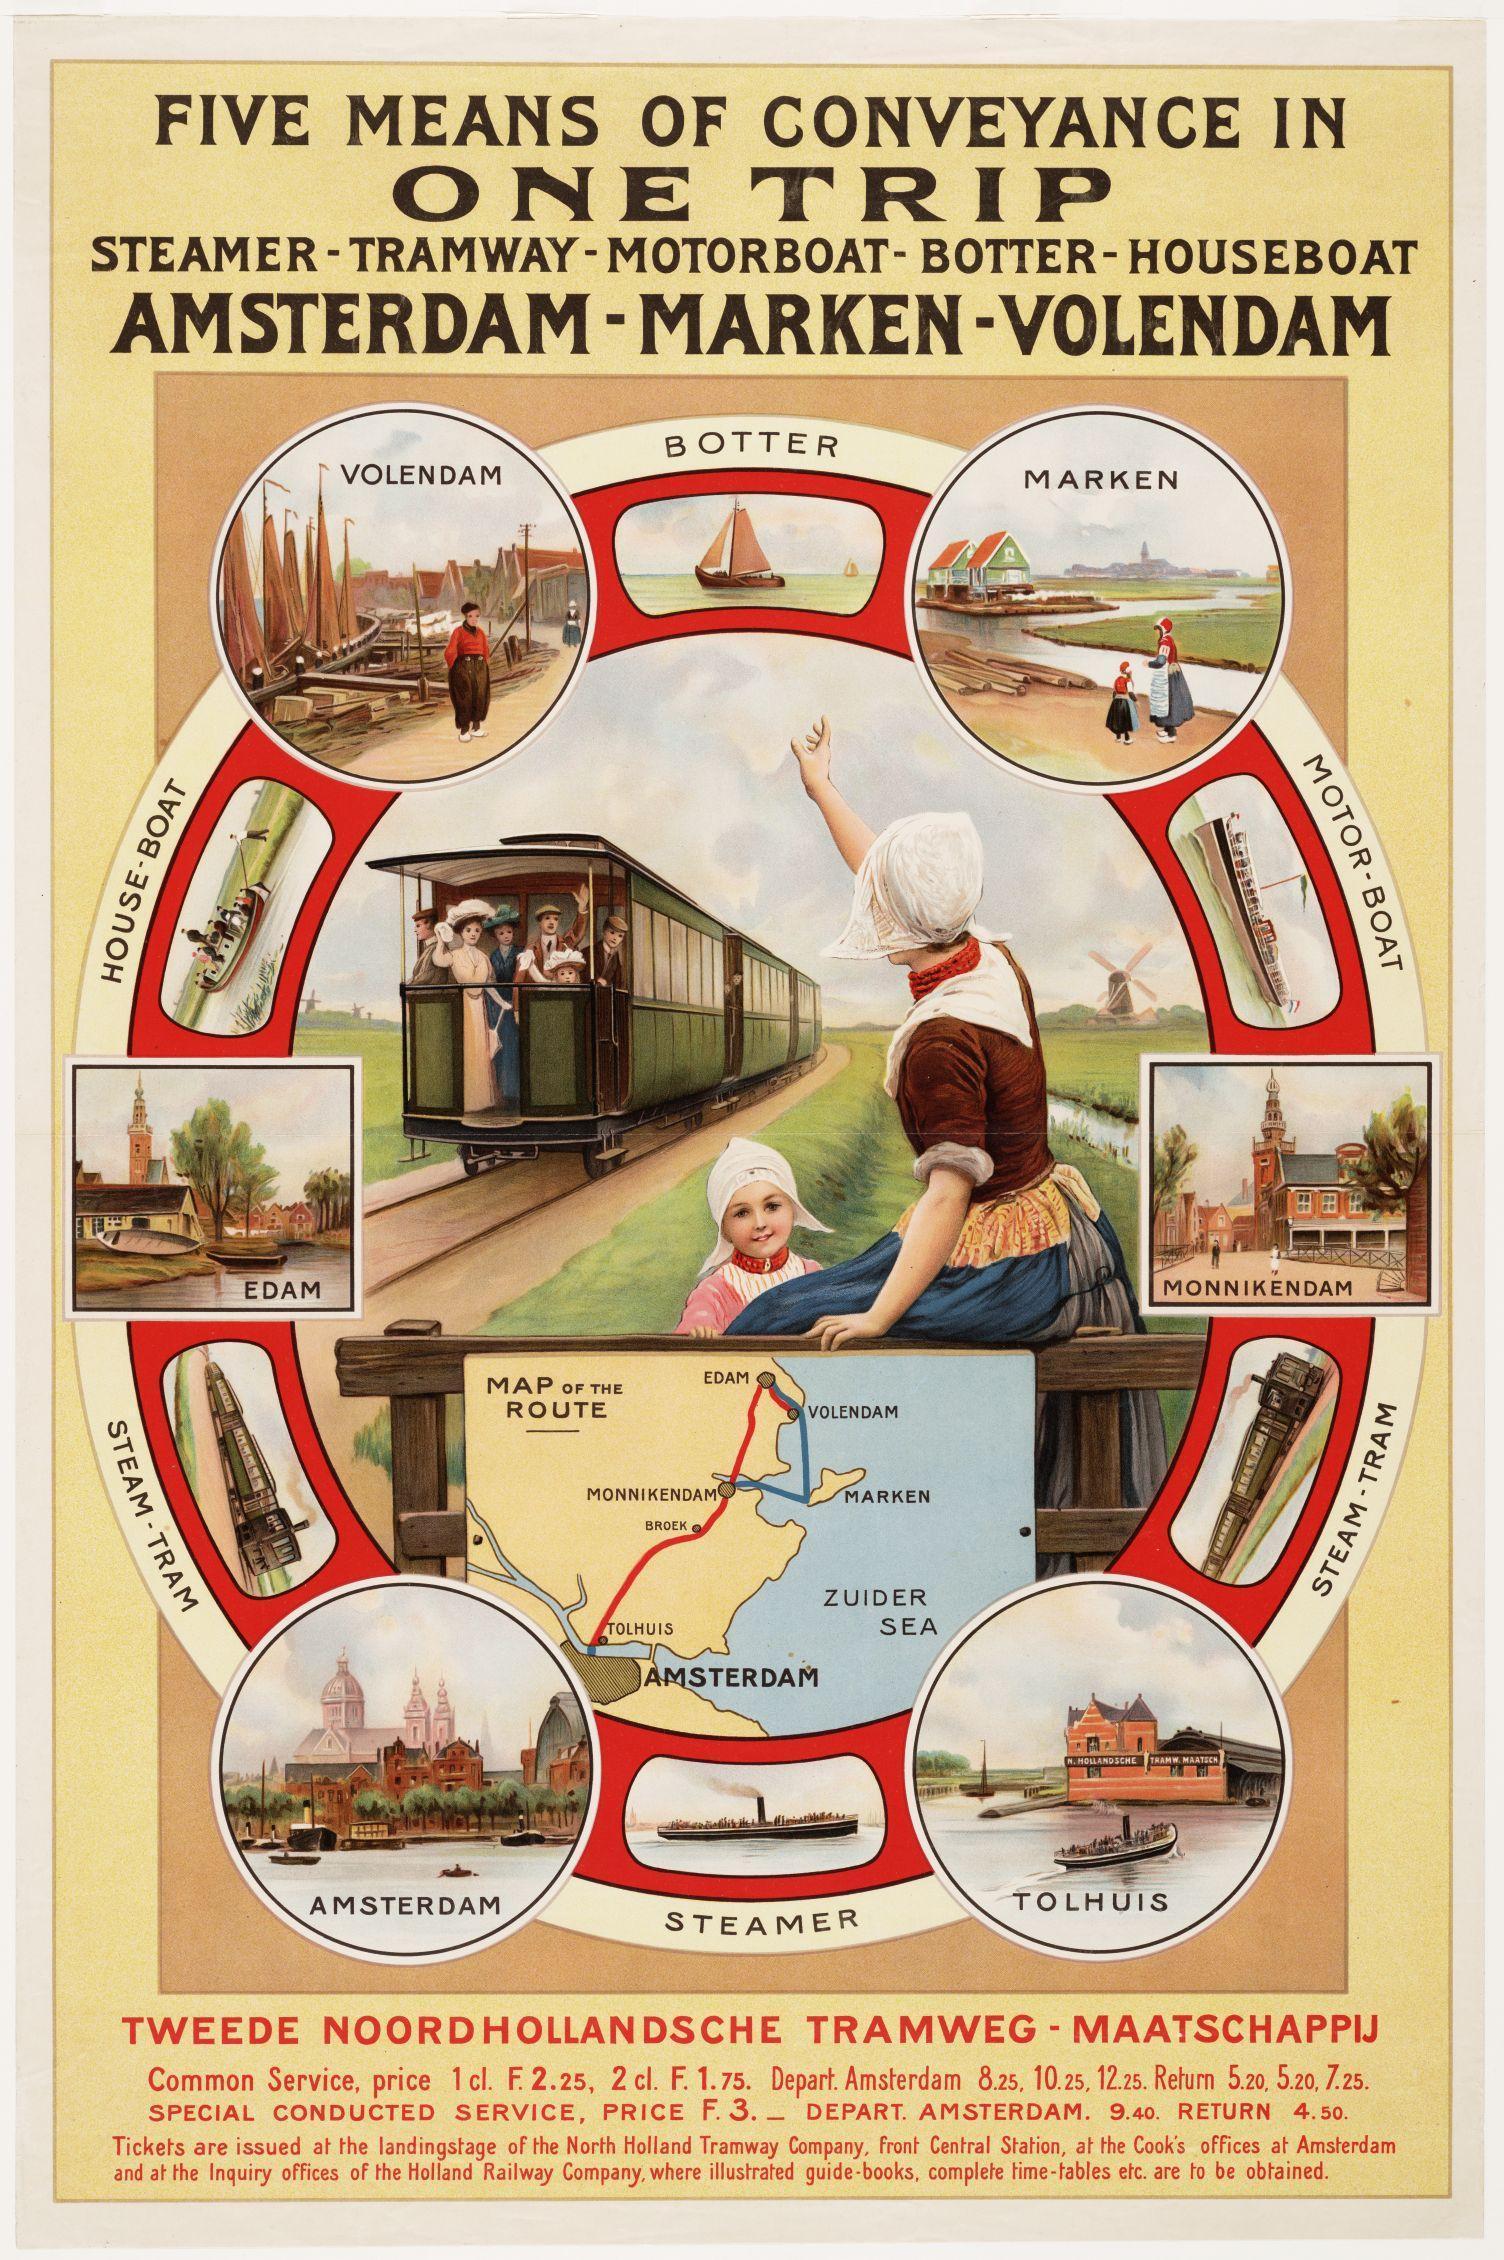 Affiche uit 1930 van het tram-en-boottraject Amsterdam-Marken-Volendam.